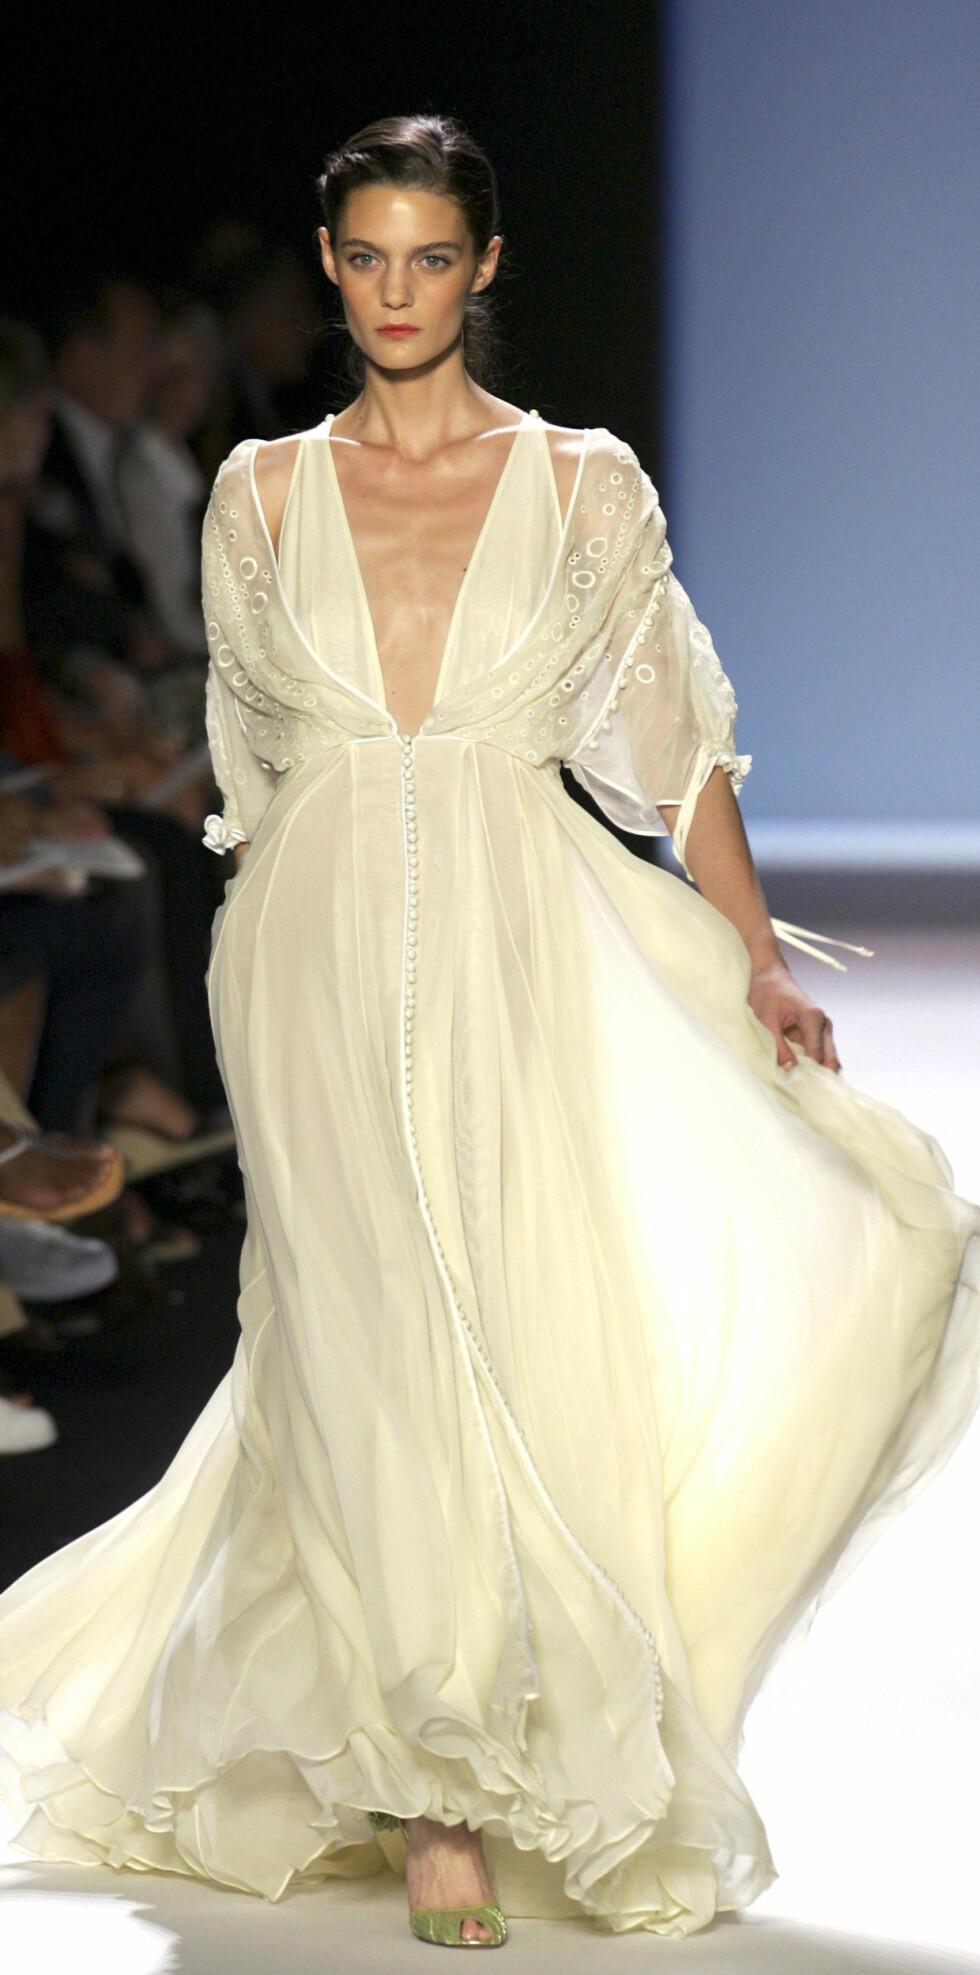 Velkledd i kjole & hvitt